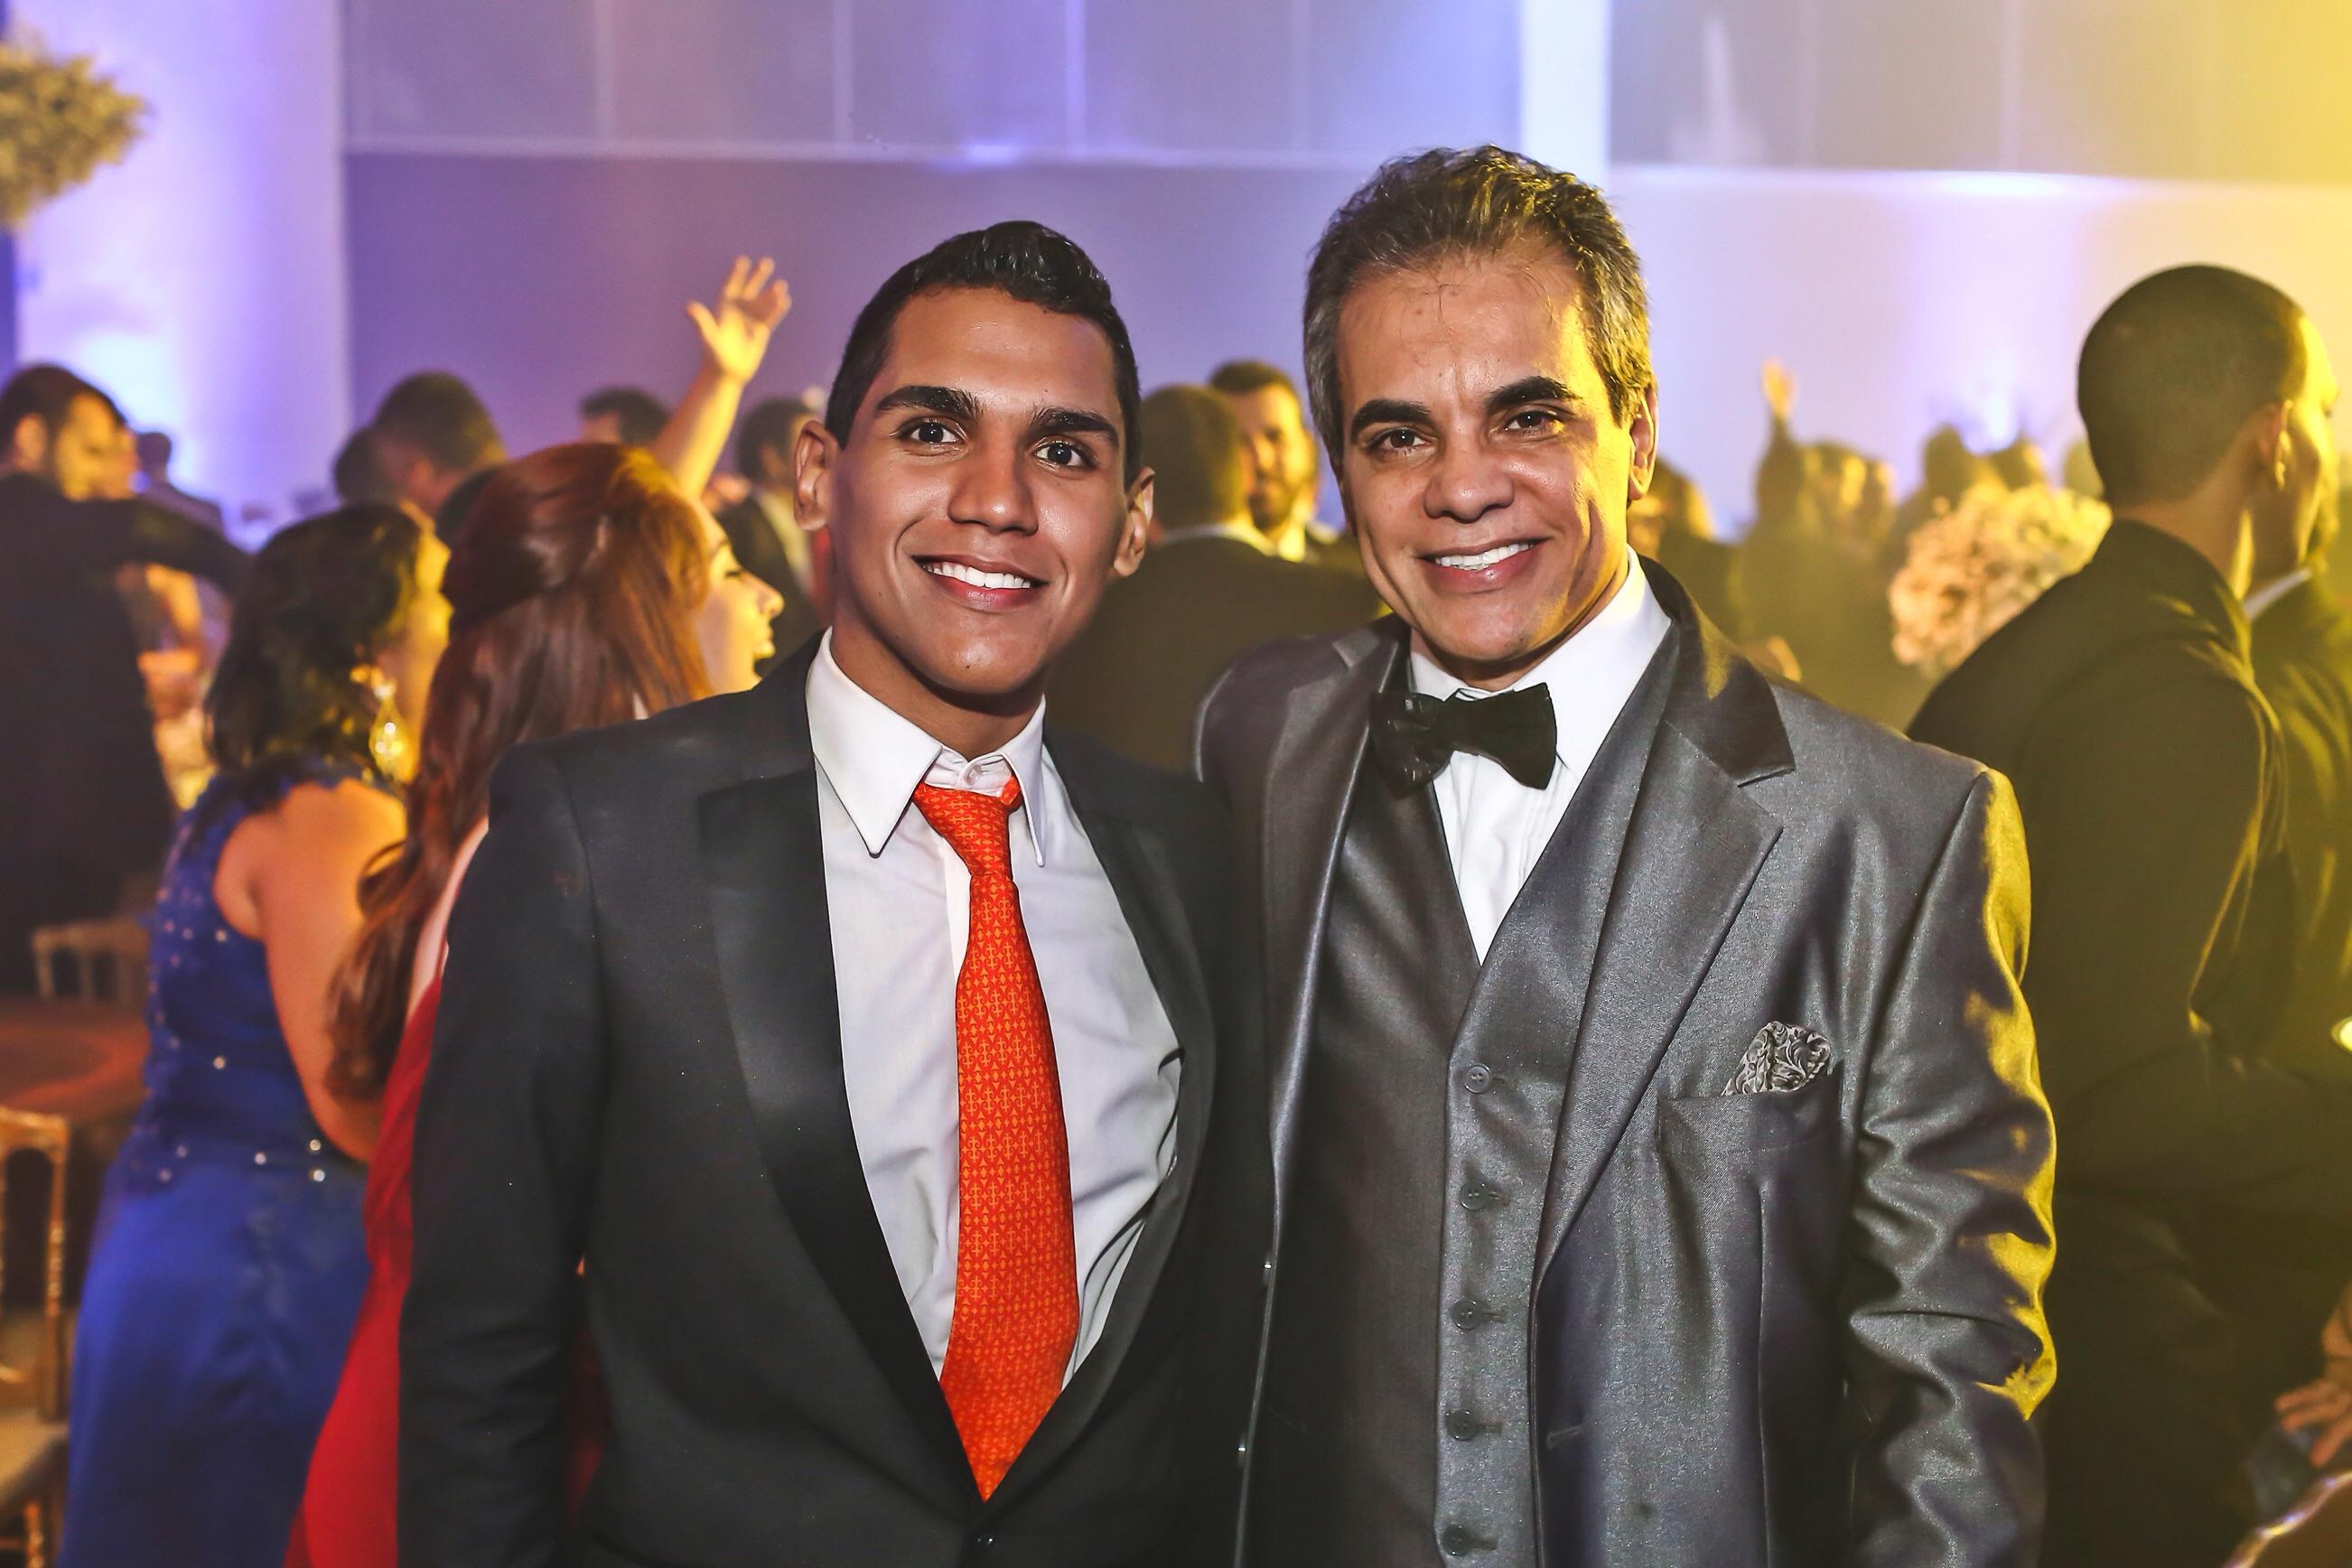 Leonardo Oliveira, Diretor de criação e Luciano Dores, Presidente da Grupo Canal 2, recebem convidados em noite festiva. Foto: Robson Nascimento/Divulgação